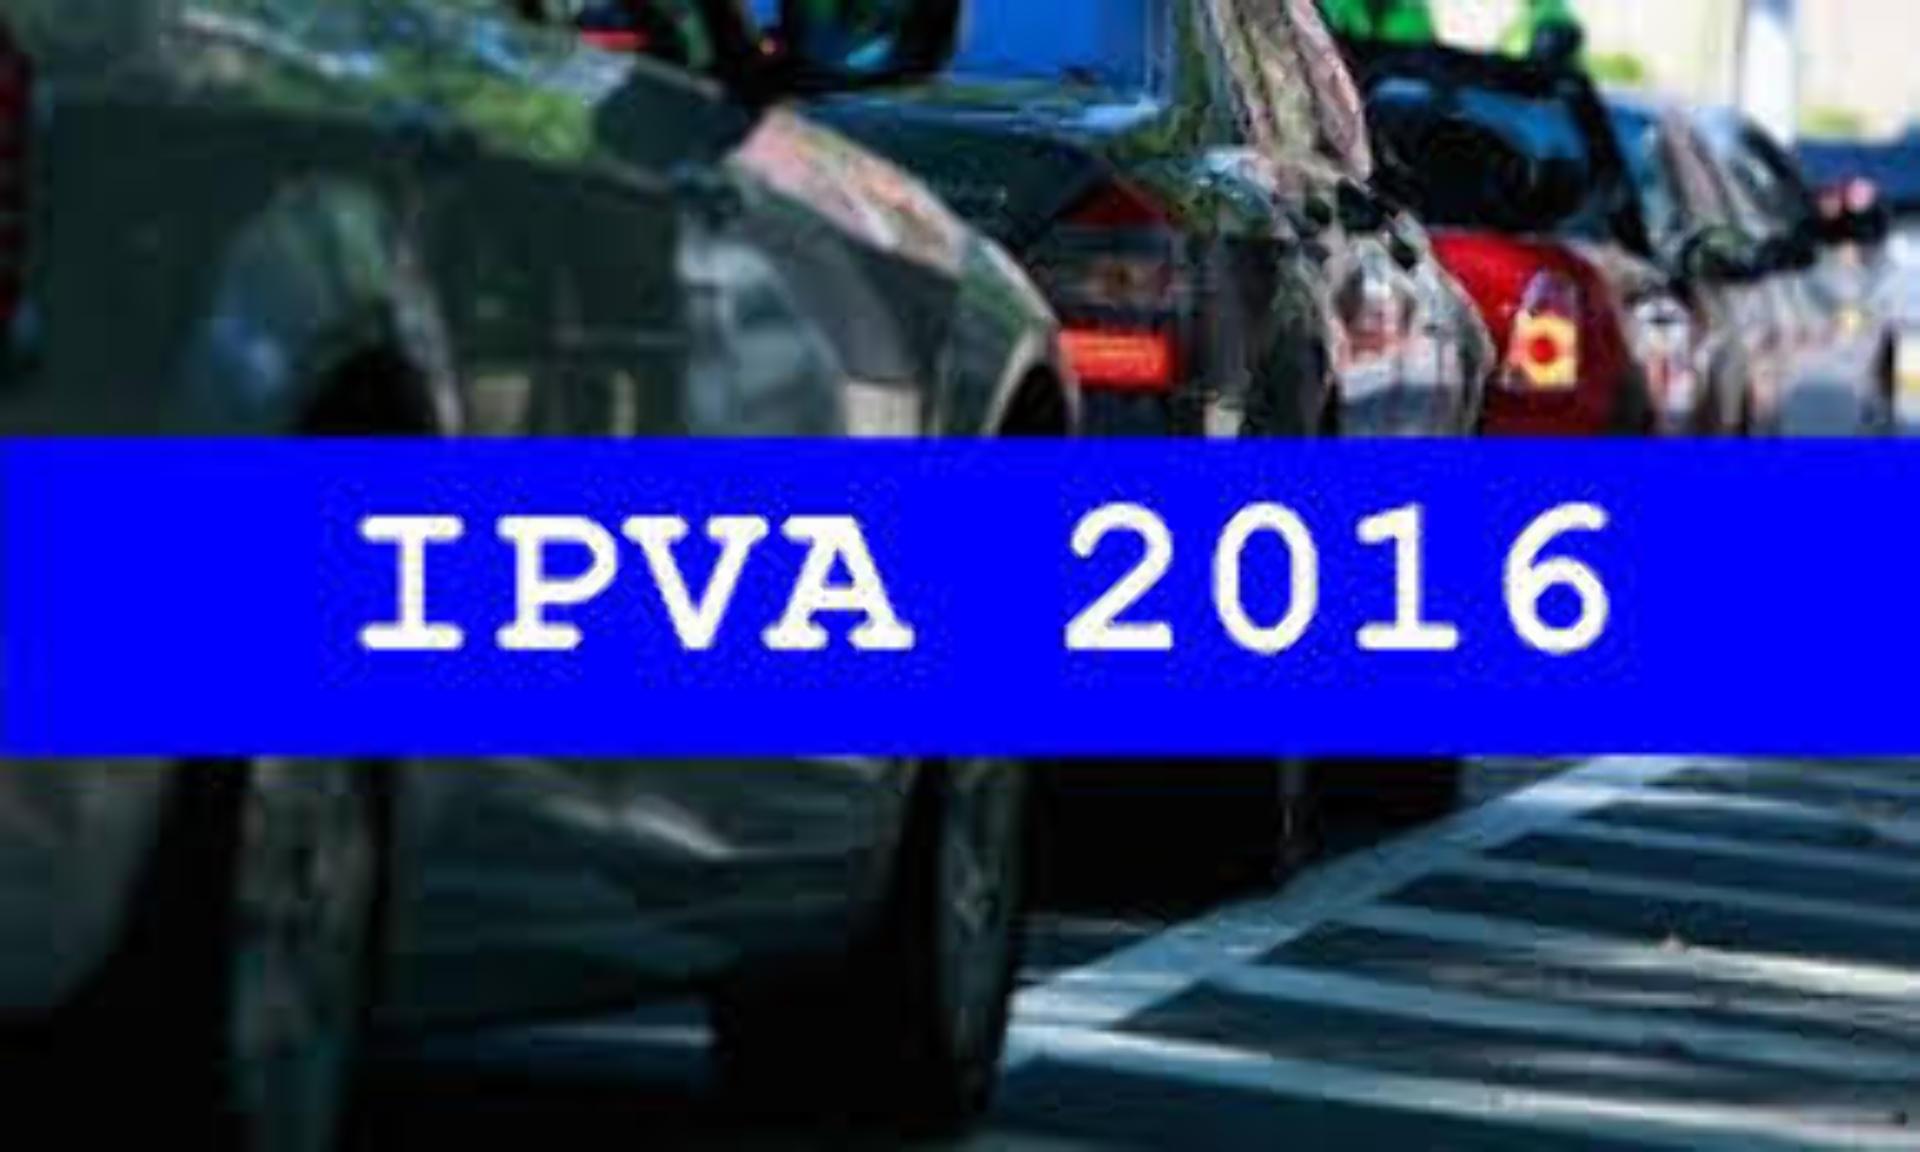 Isenção de IPVA inicia dia 16/11/2015